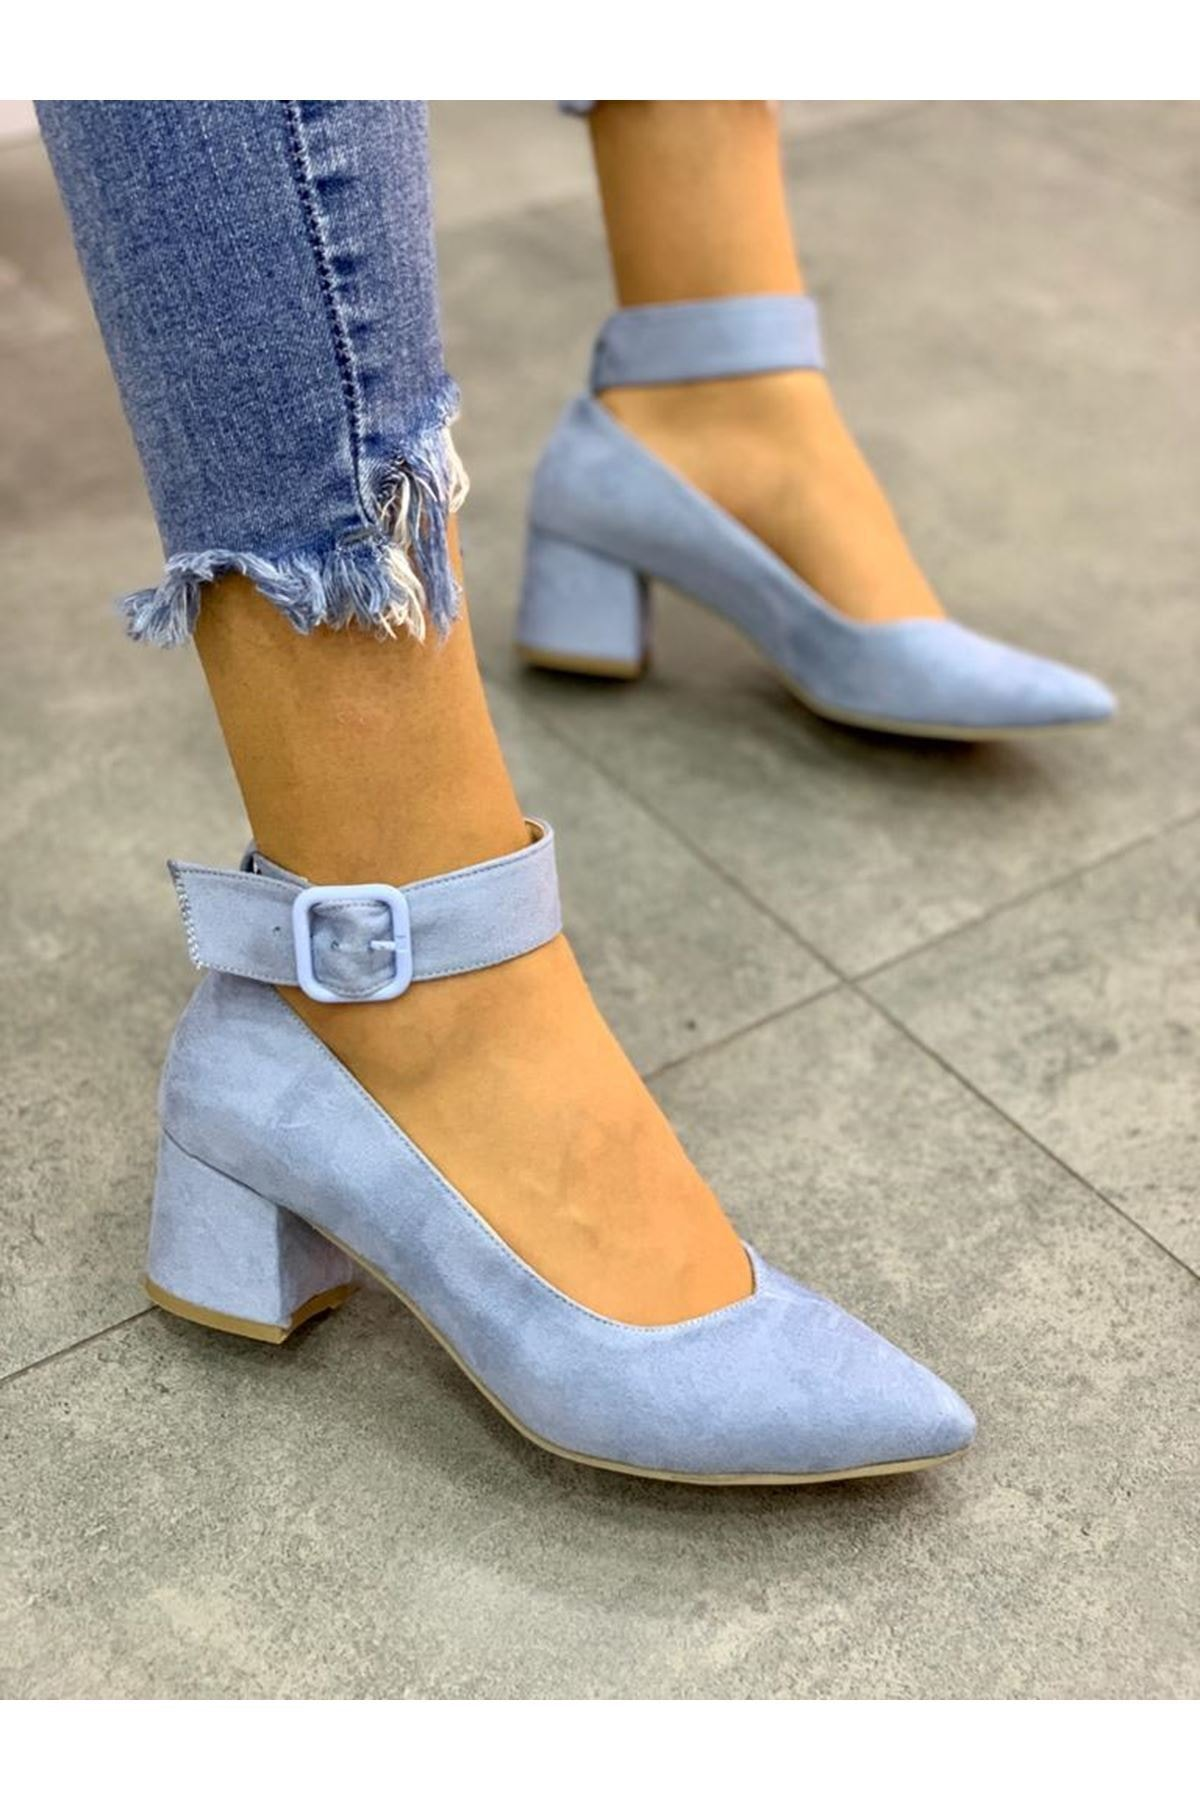 LDÇ Bilekten Kemer Detaylı Kadın Topuklu Ayakkabı-s. Bebe Mavi 1